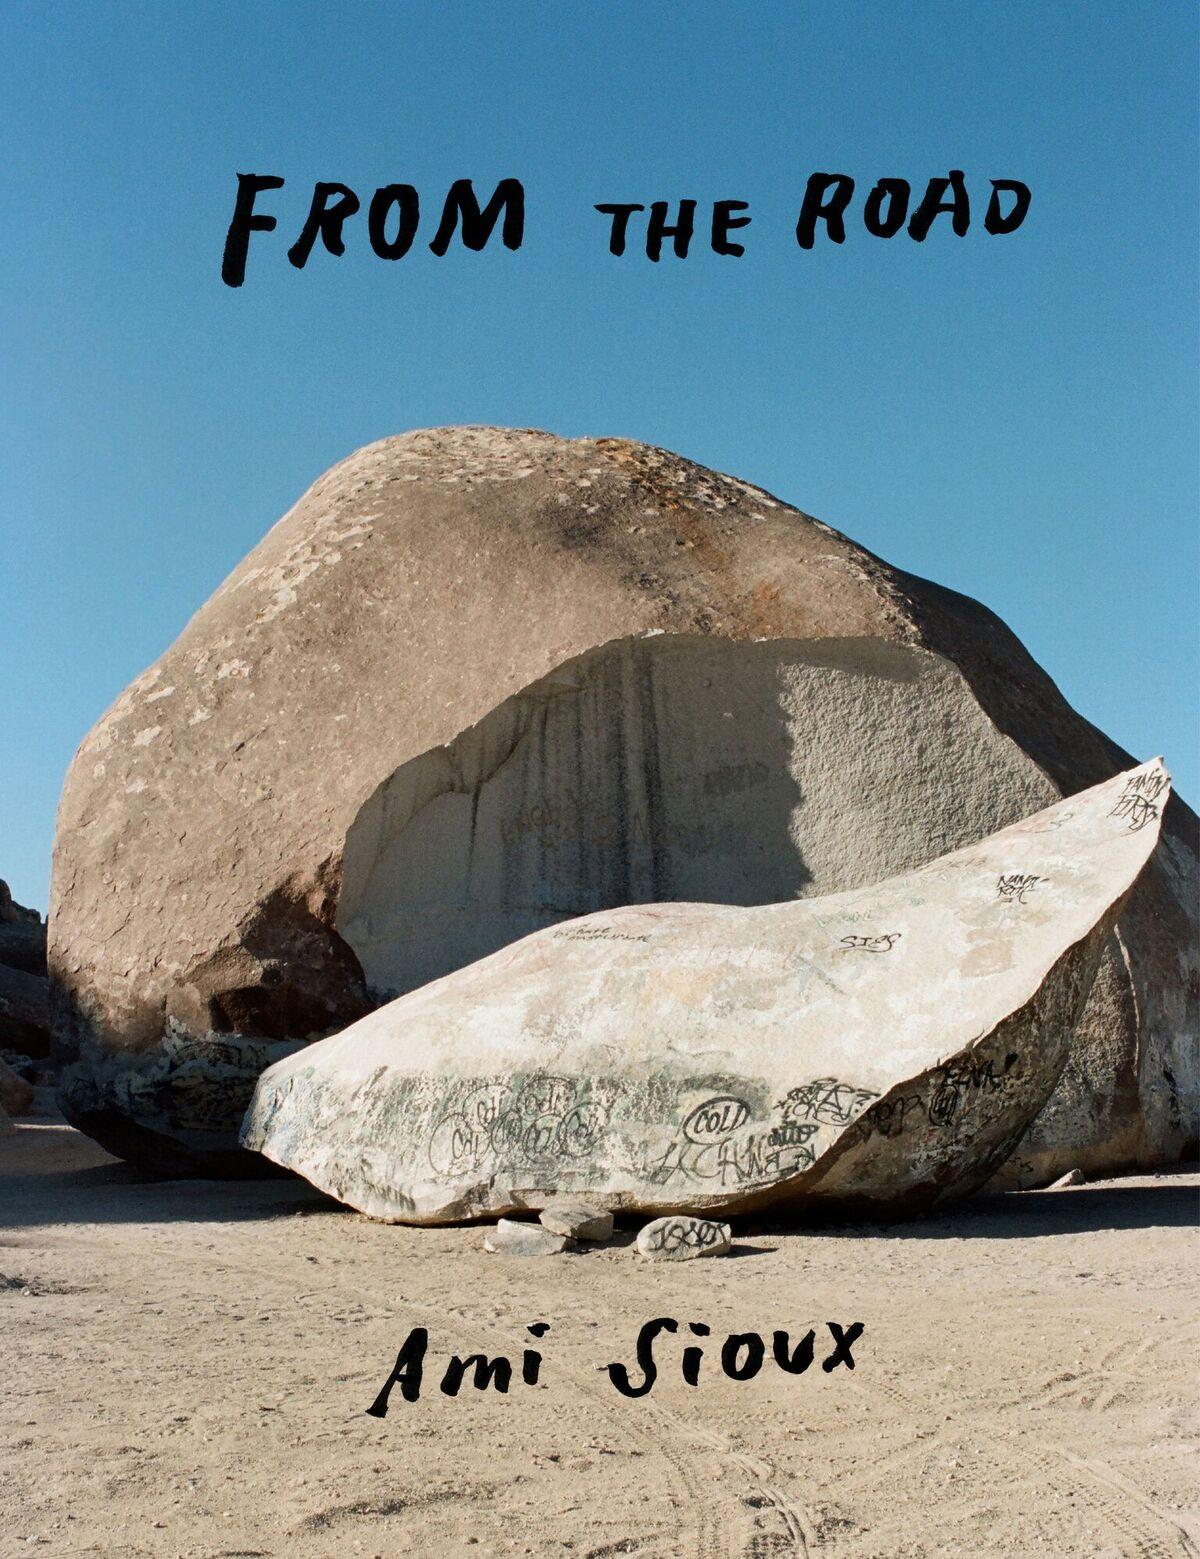 ami_sioux_book_cover.jpeg